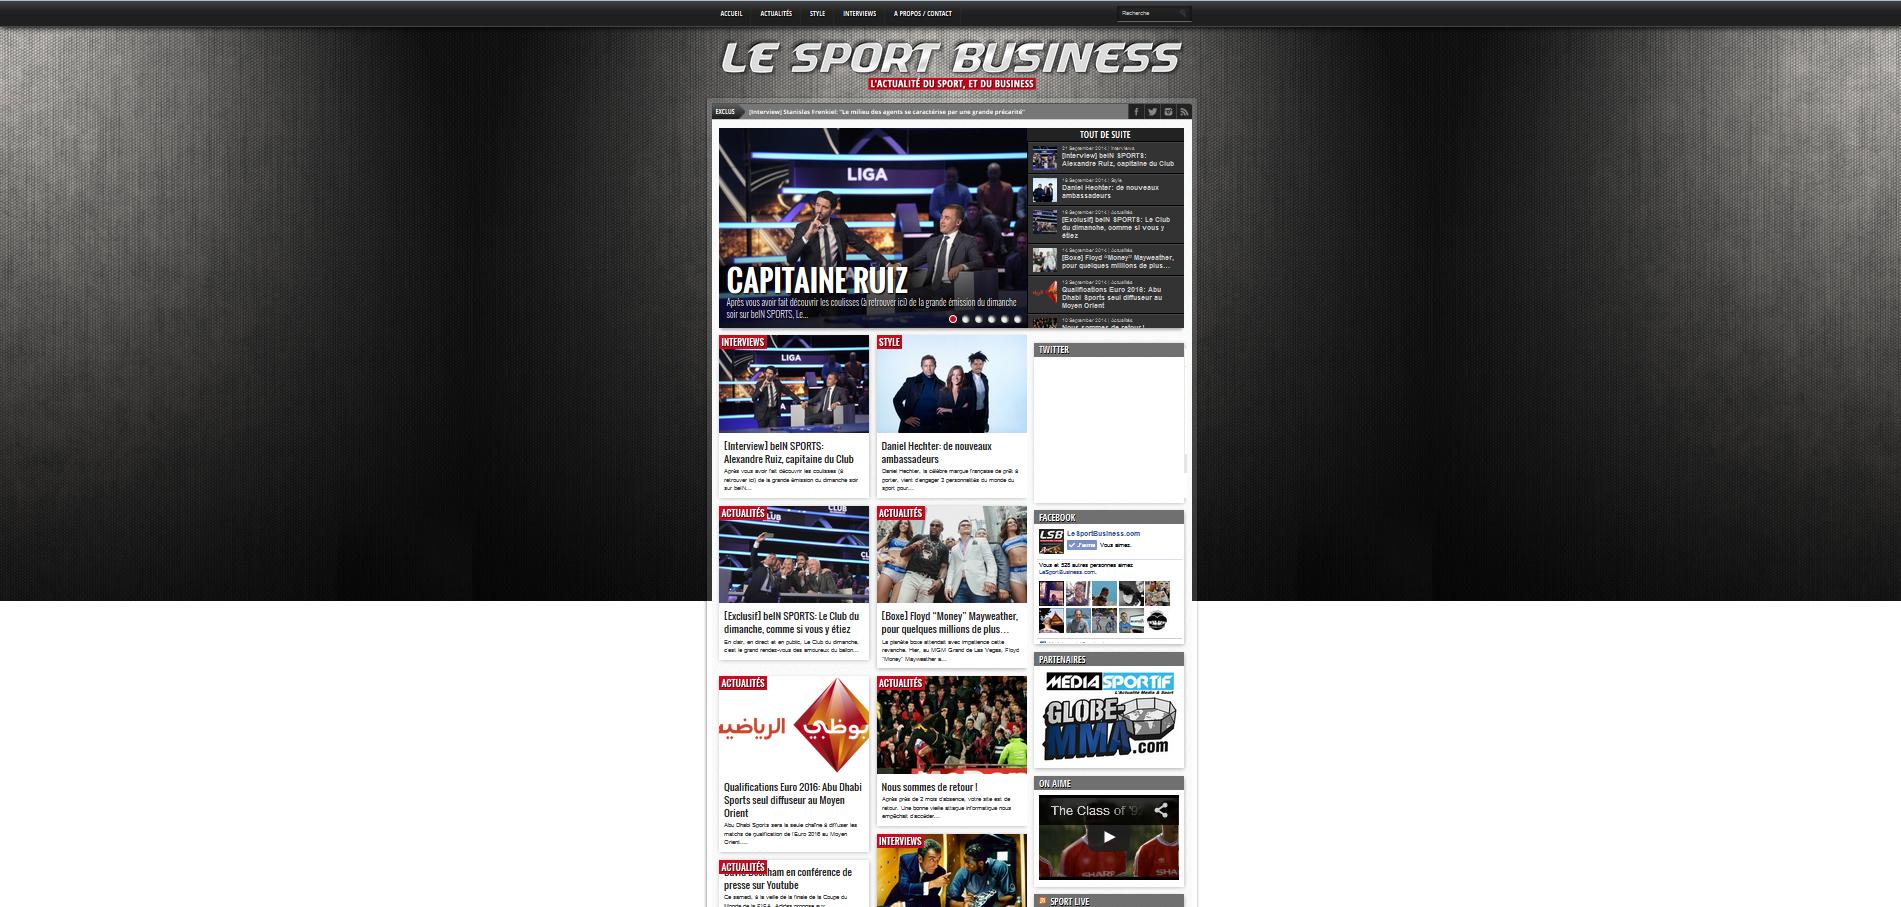 Le-sport-business